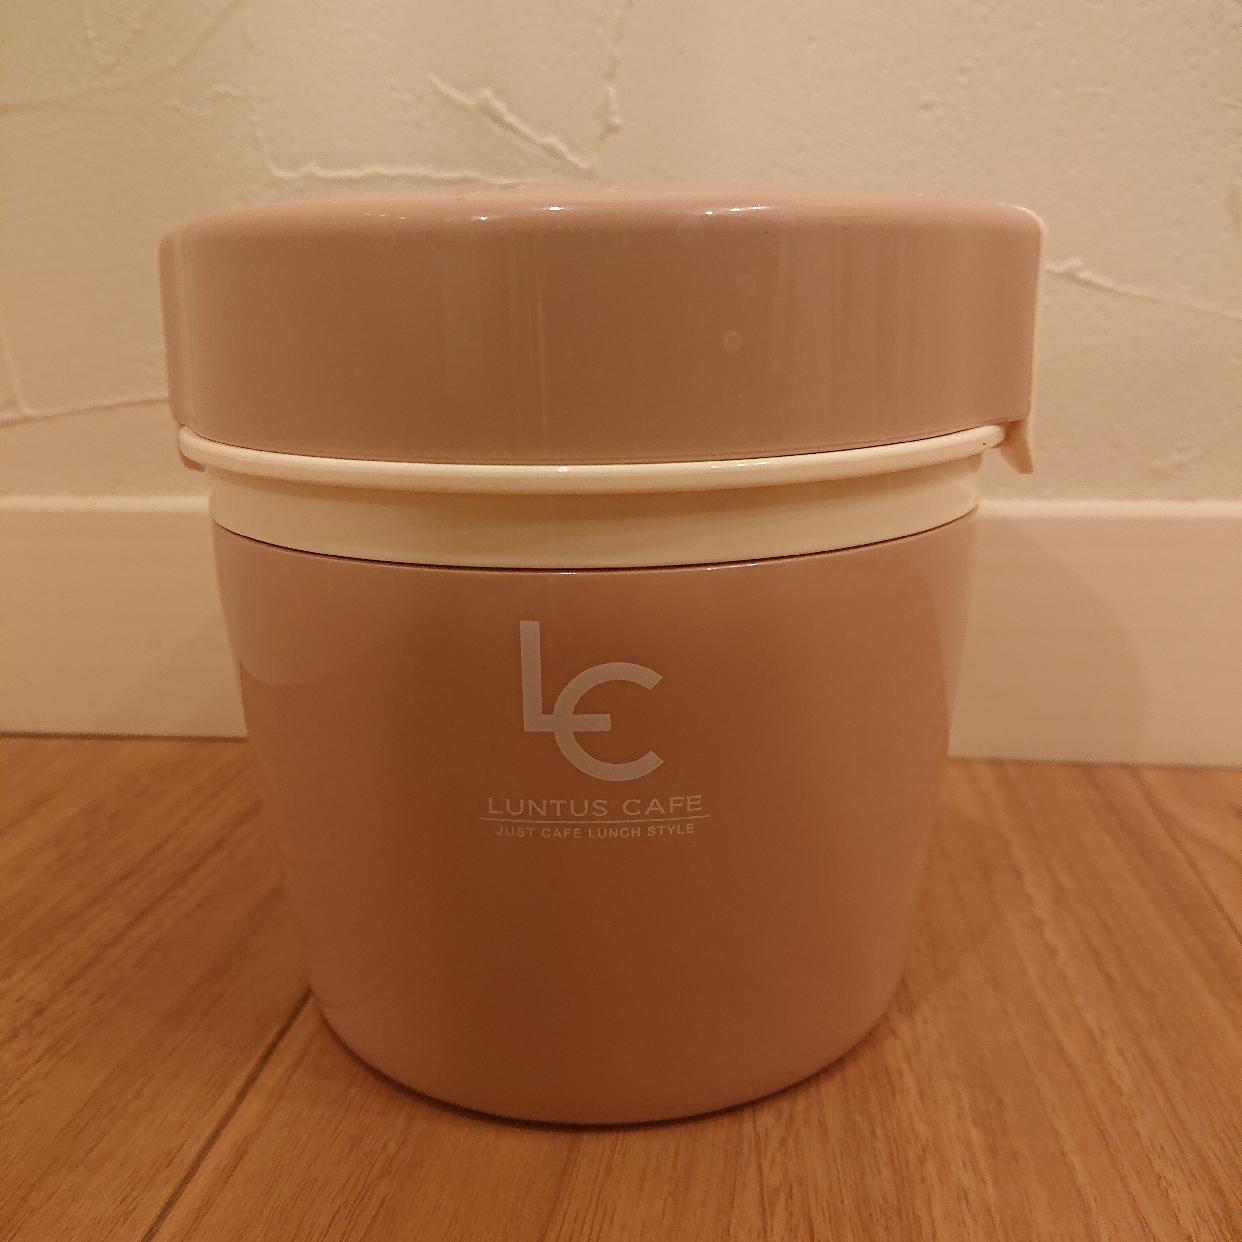 ASVEL(アスベル)LUNTUS CAFE カフェ丼ランチ HLB-CD620を使ったくぅチャンネンさんのクチコミ画像1